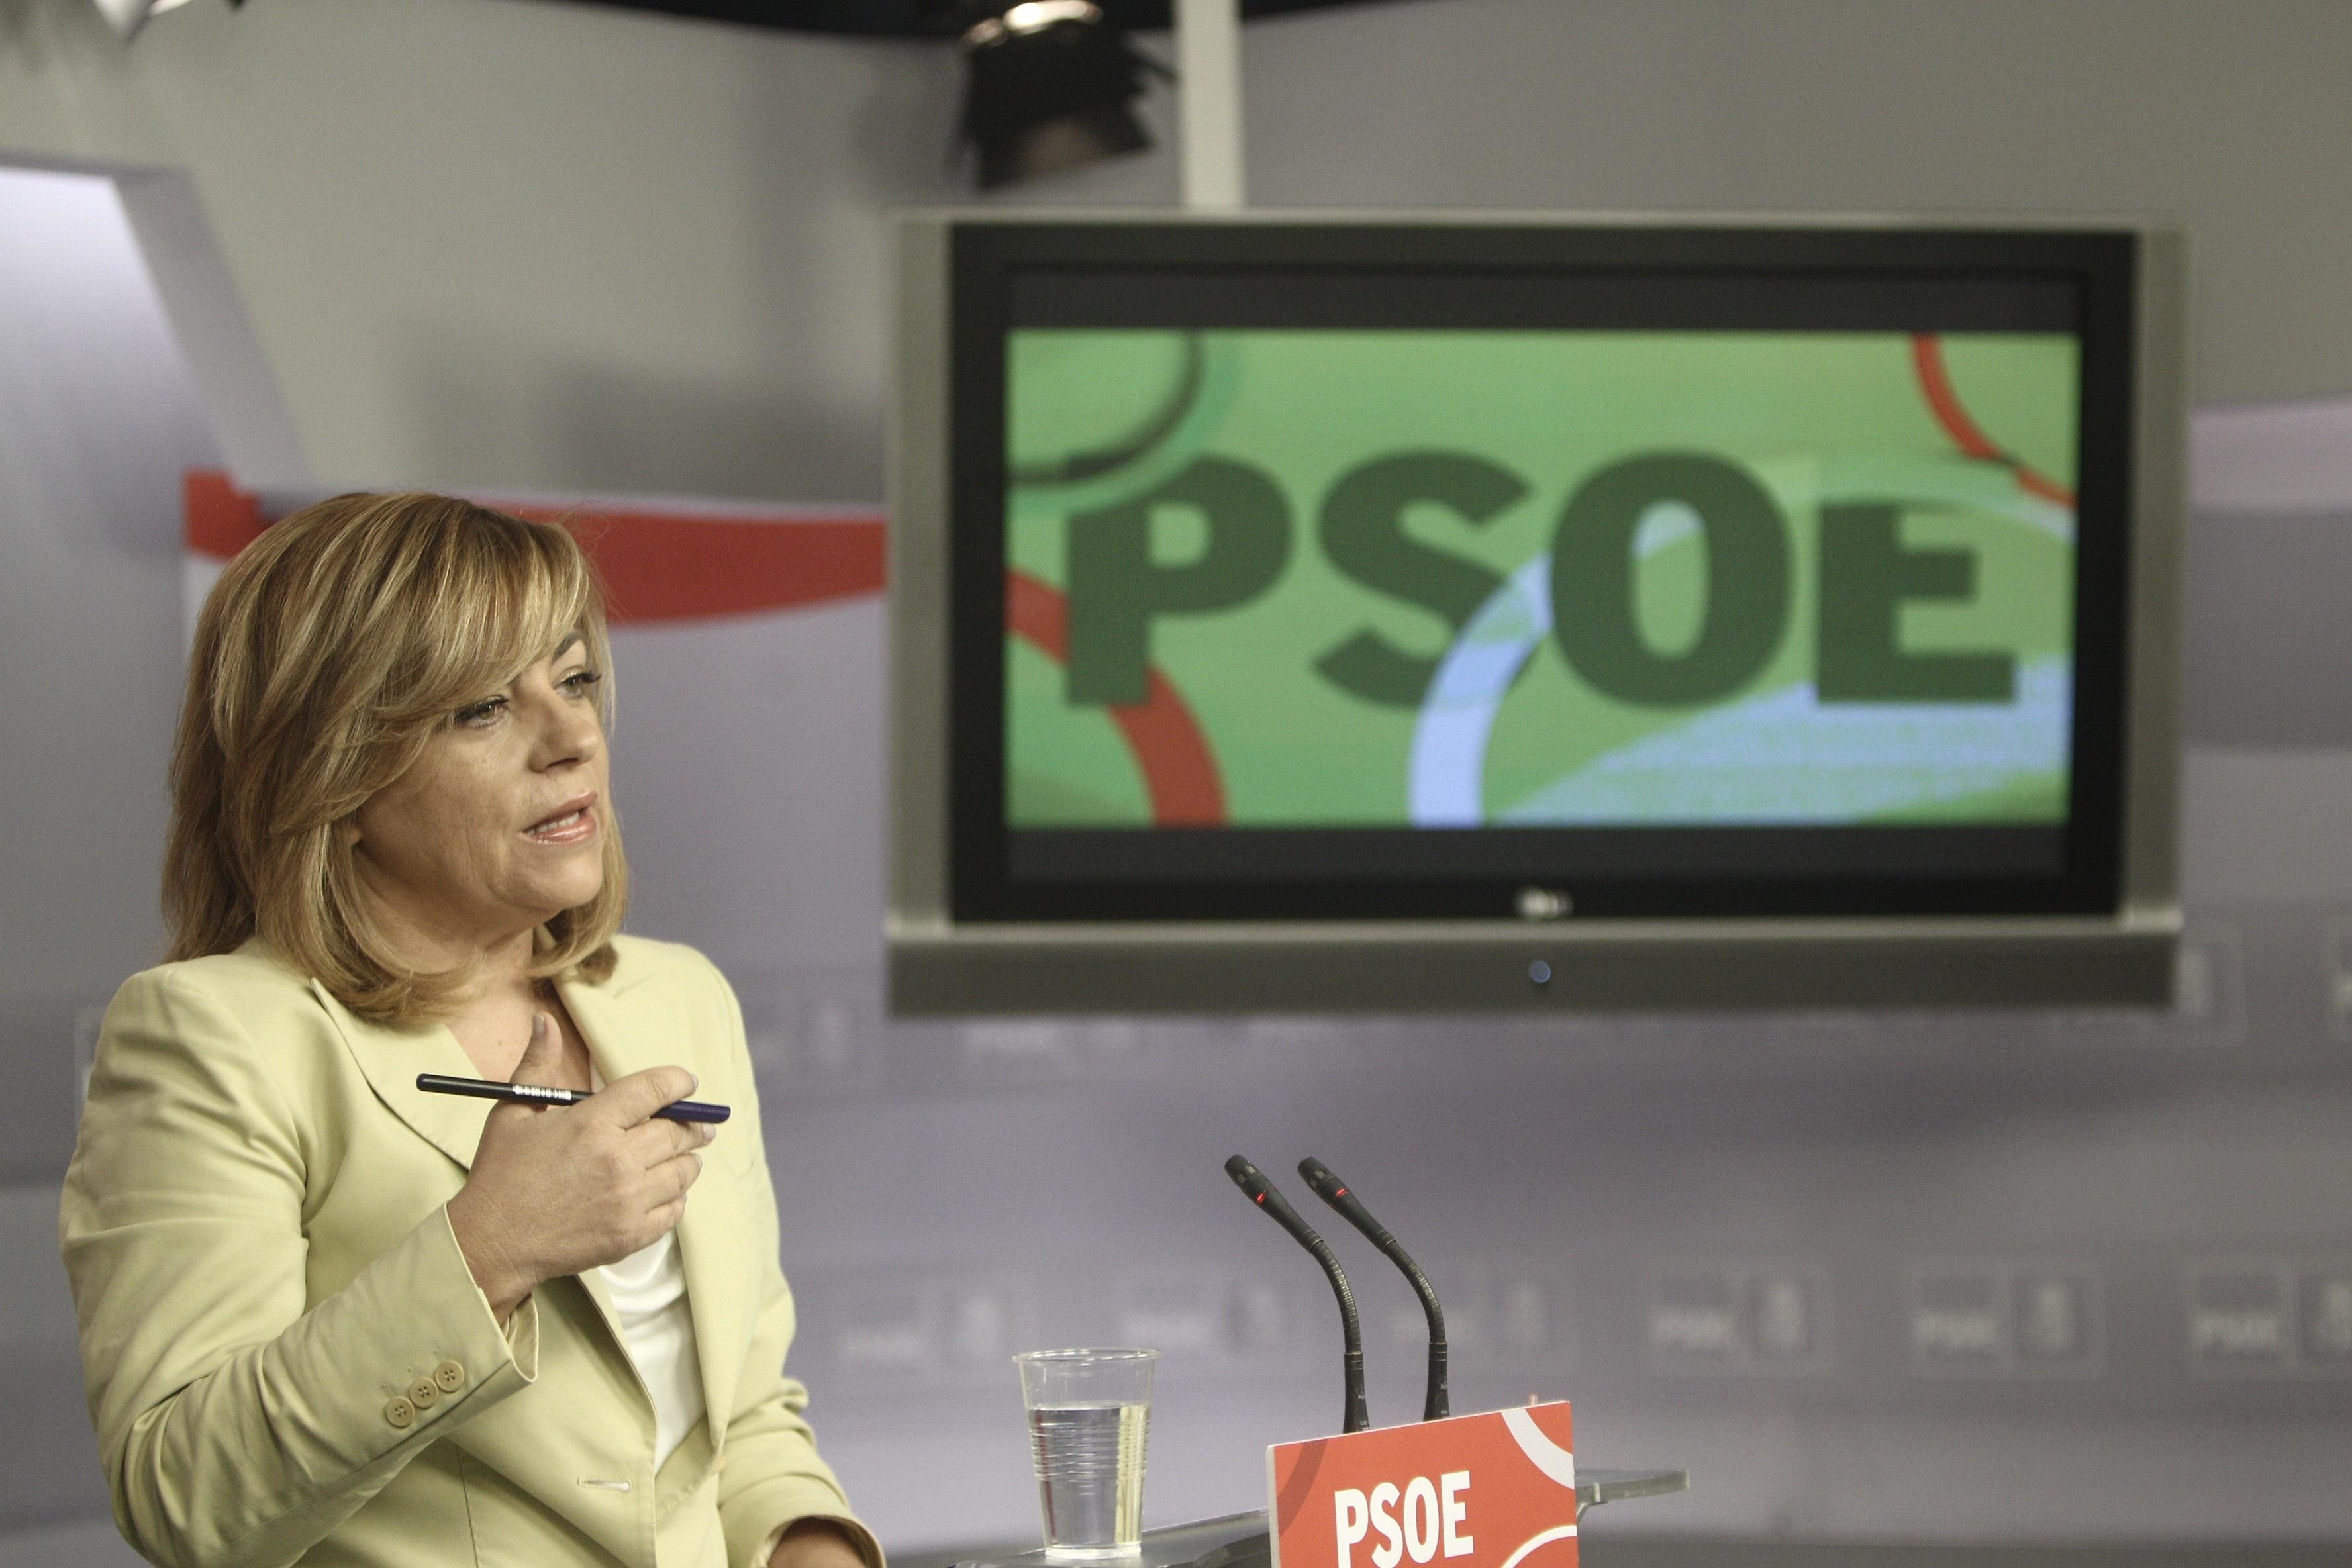 PSOE no sabe «cuánto está de cerca» el pacto con el Gobierno sobre el Consejo Europeo pero dice que «conversaciones hay